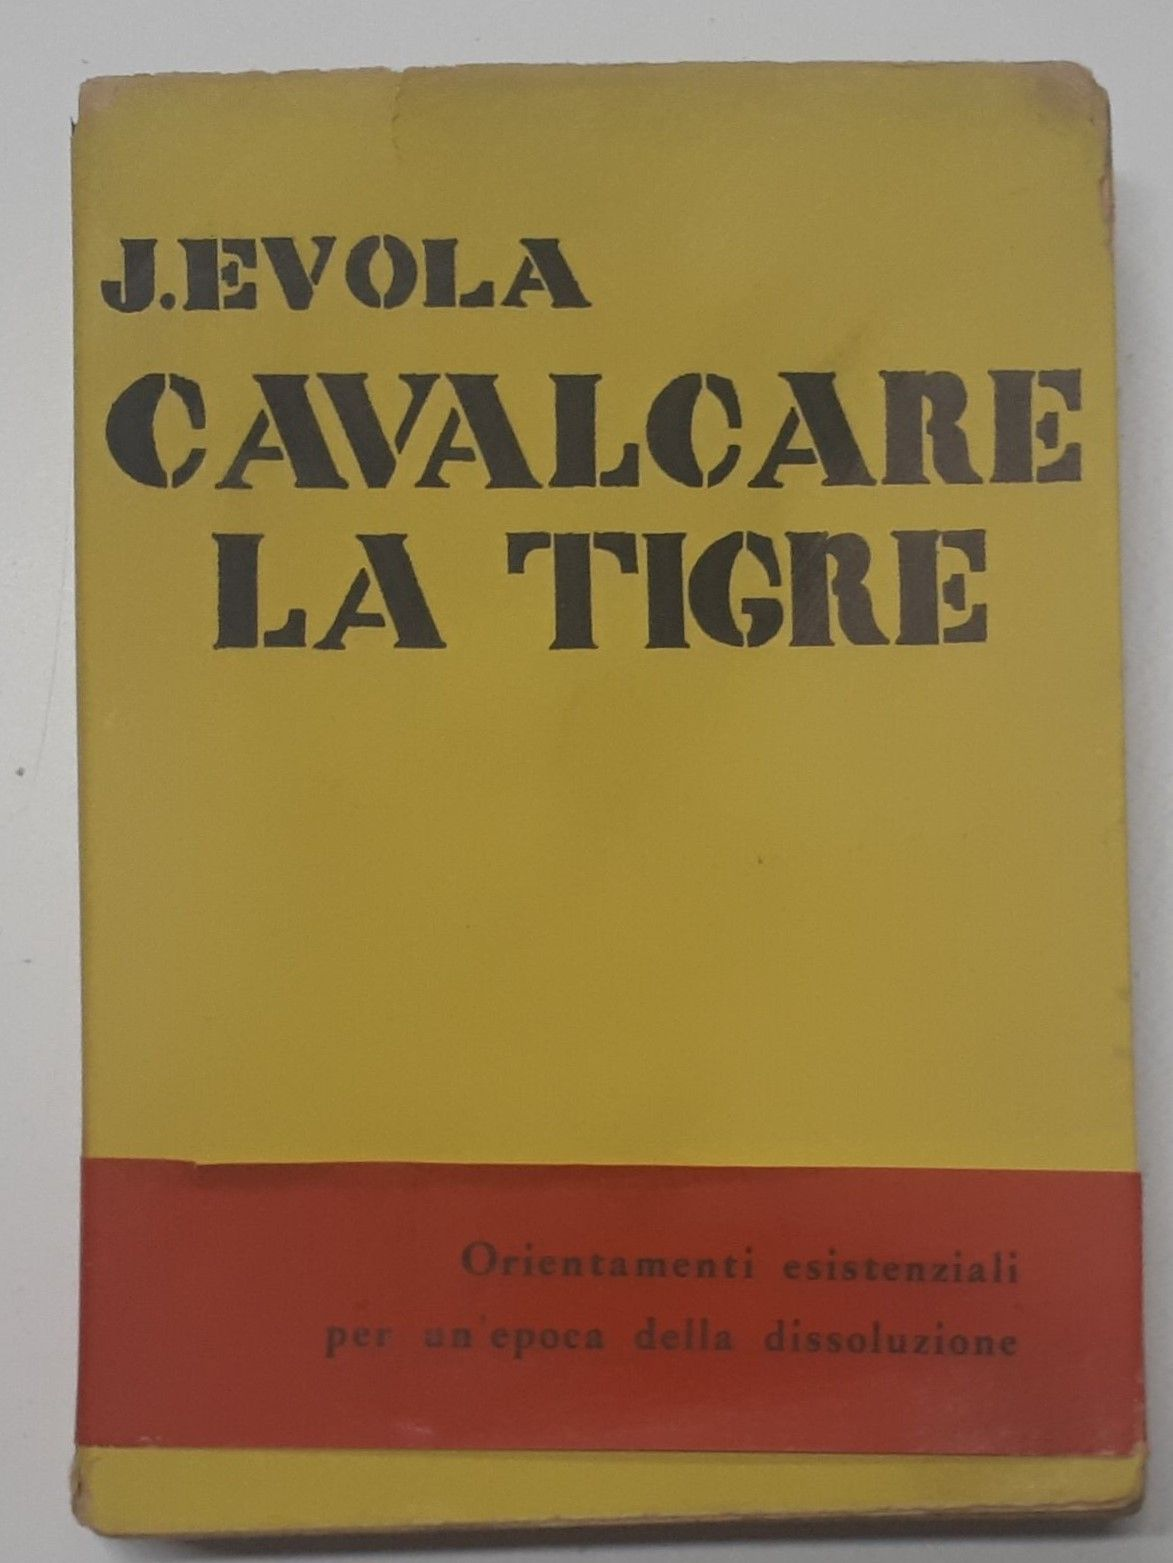 """""""Cavalcare la tigre"""" di Julius Evola – 1° ed. 1961 All'Insegna del pesce d'oro rarissima completa di fascetta editoriale, 74,99 €"""